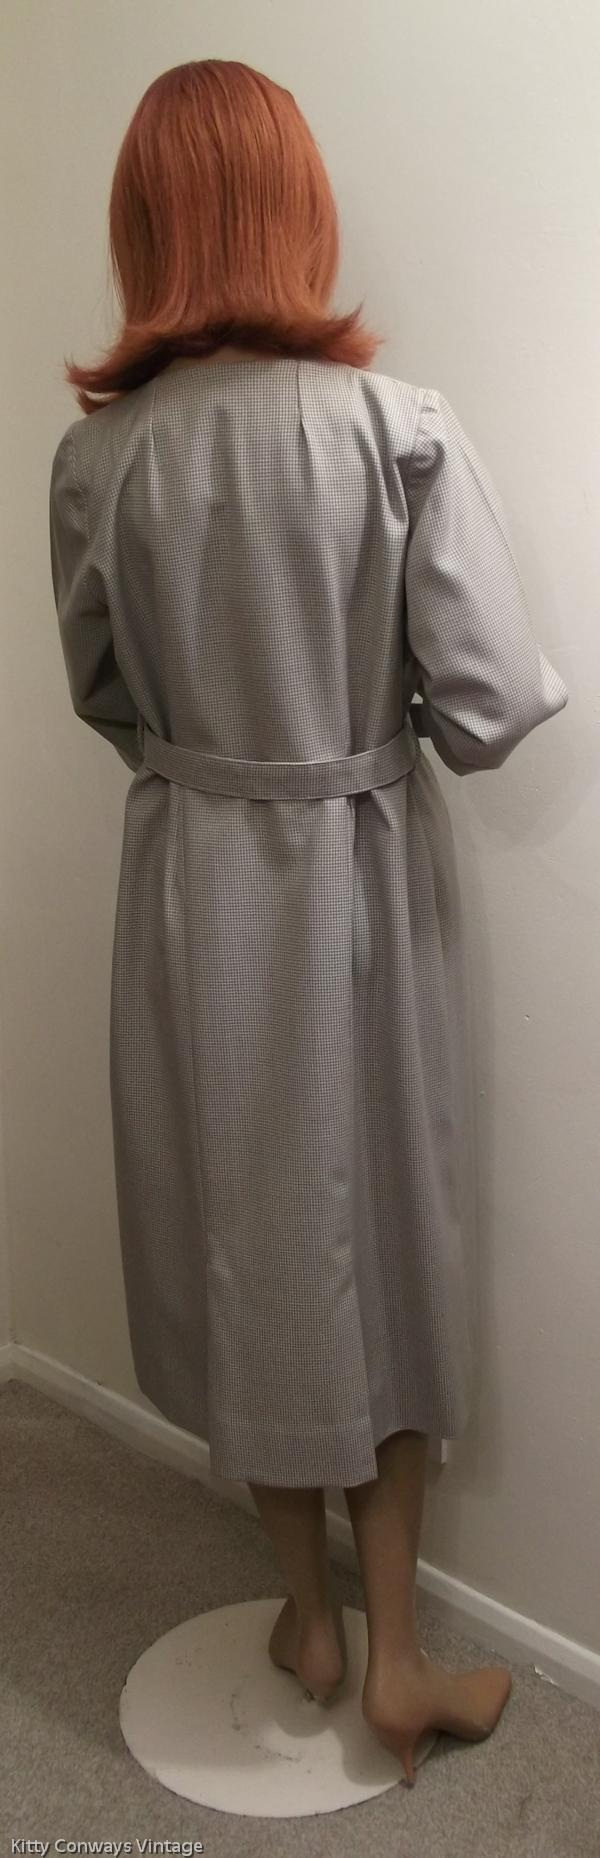 1950s/60s dress suit - back of dress